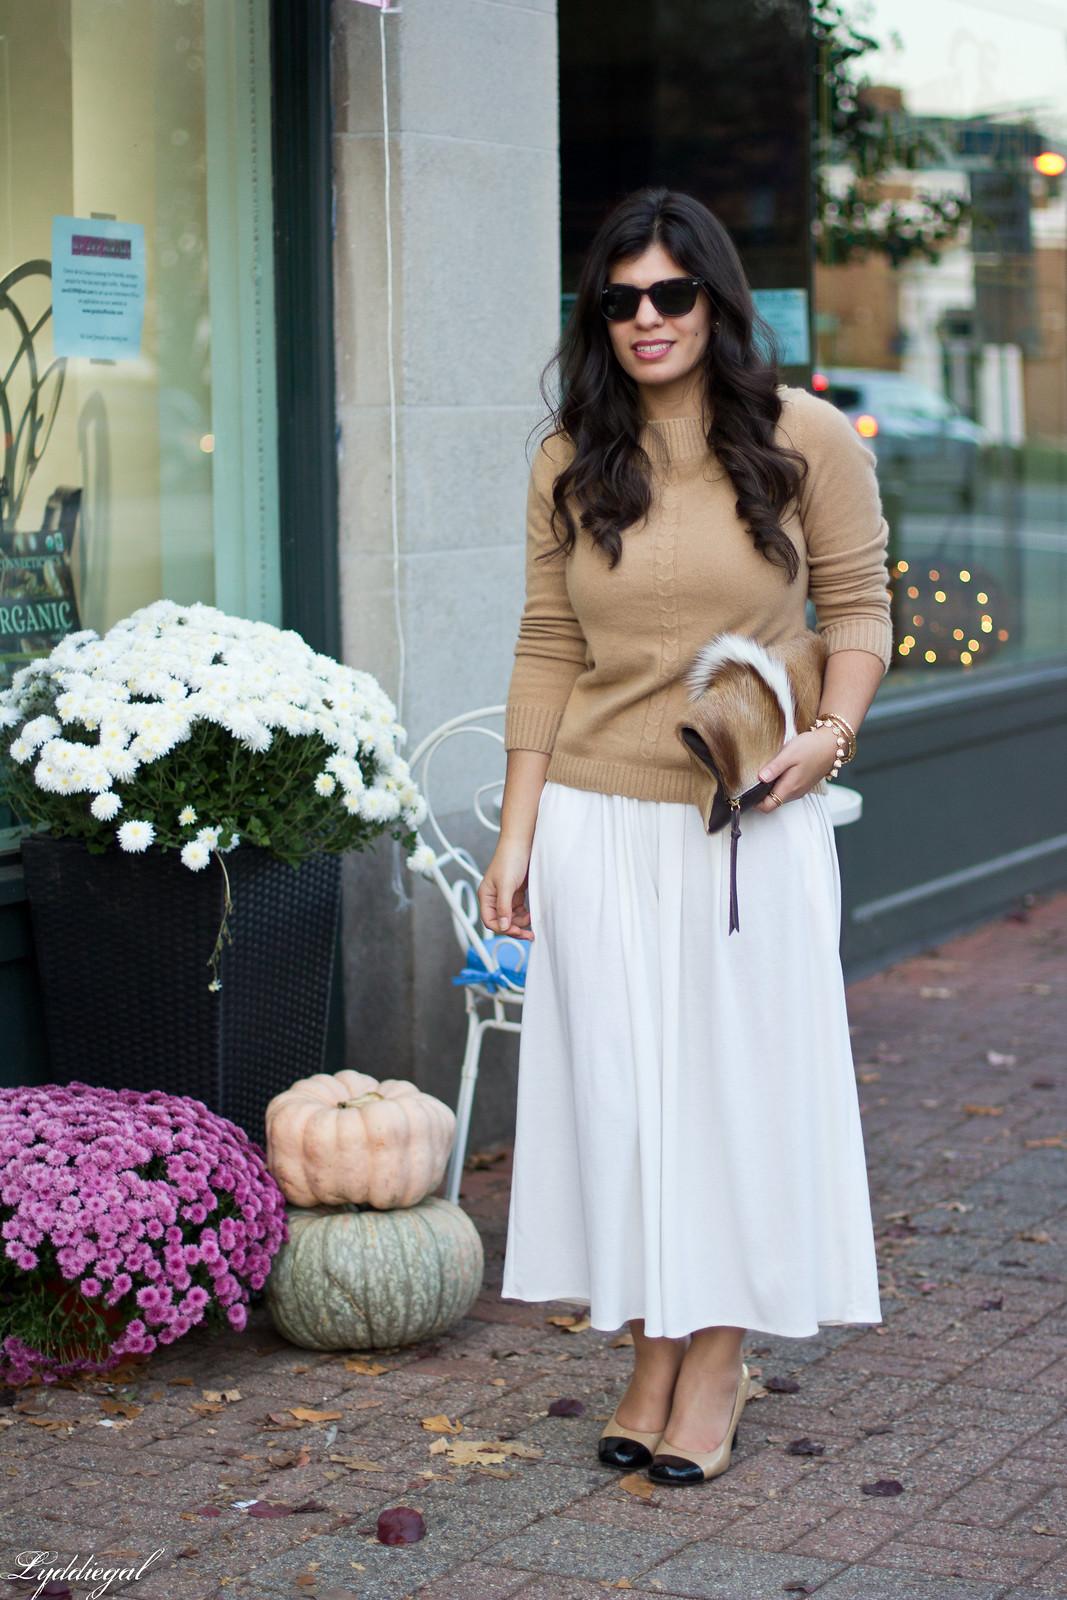 white Culottes, camel sweater, toe cap heels, springbok clutch-1.jpg